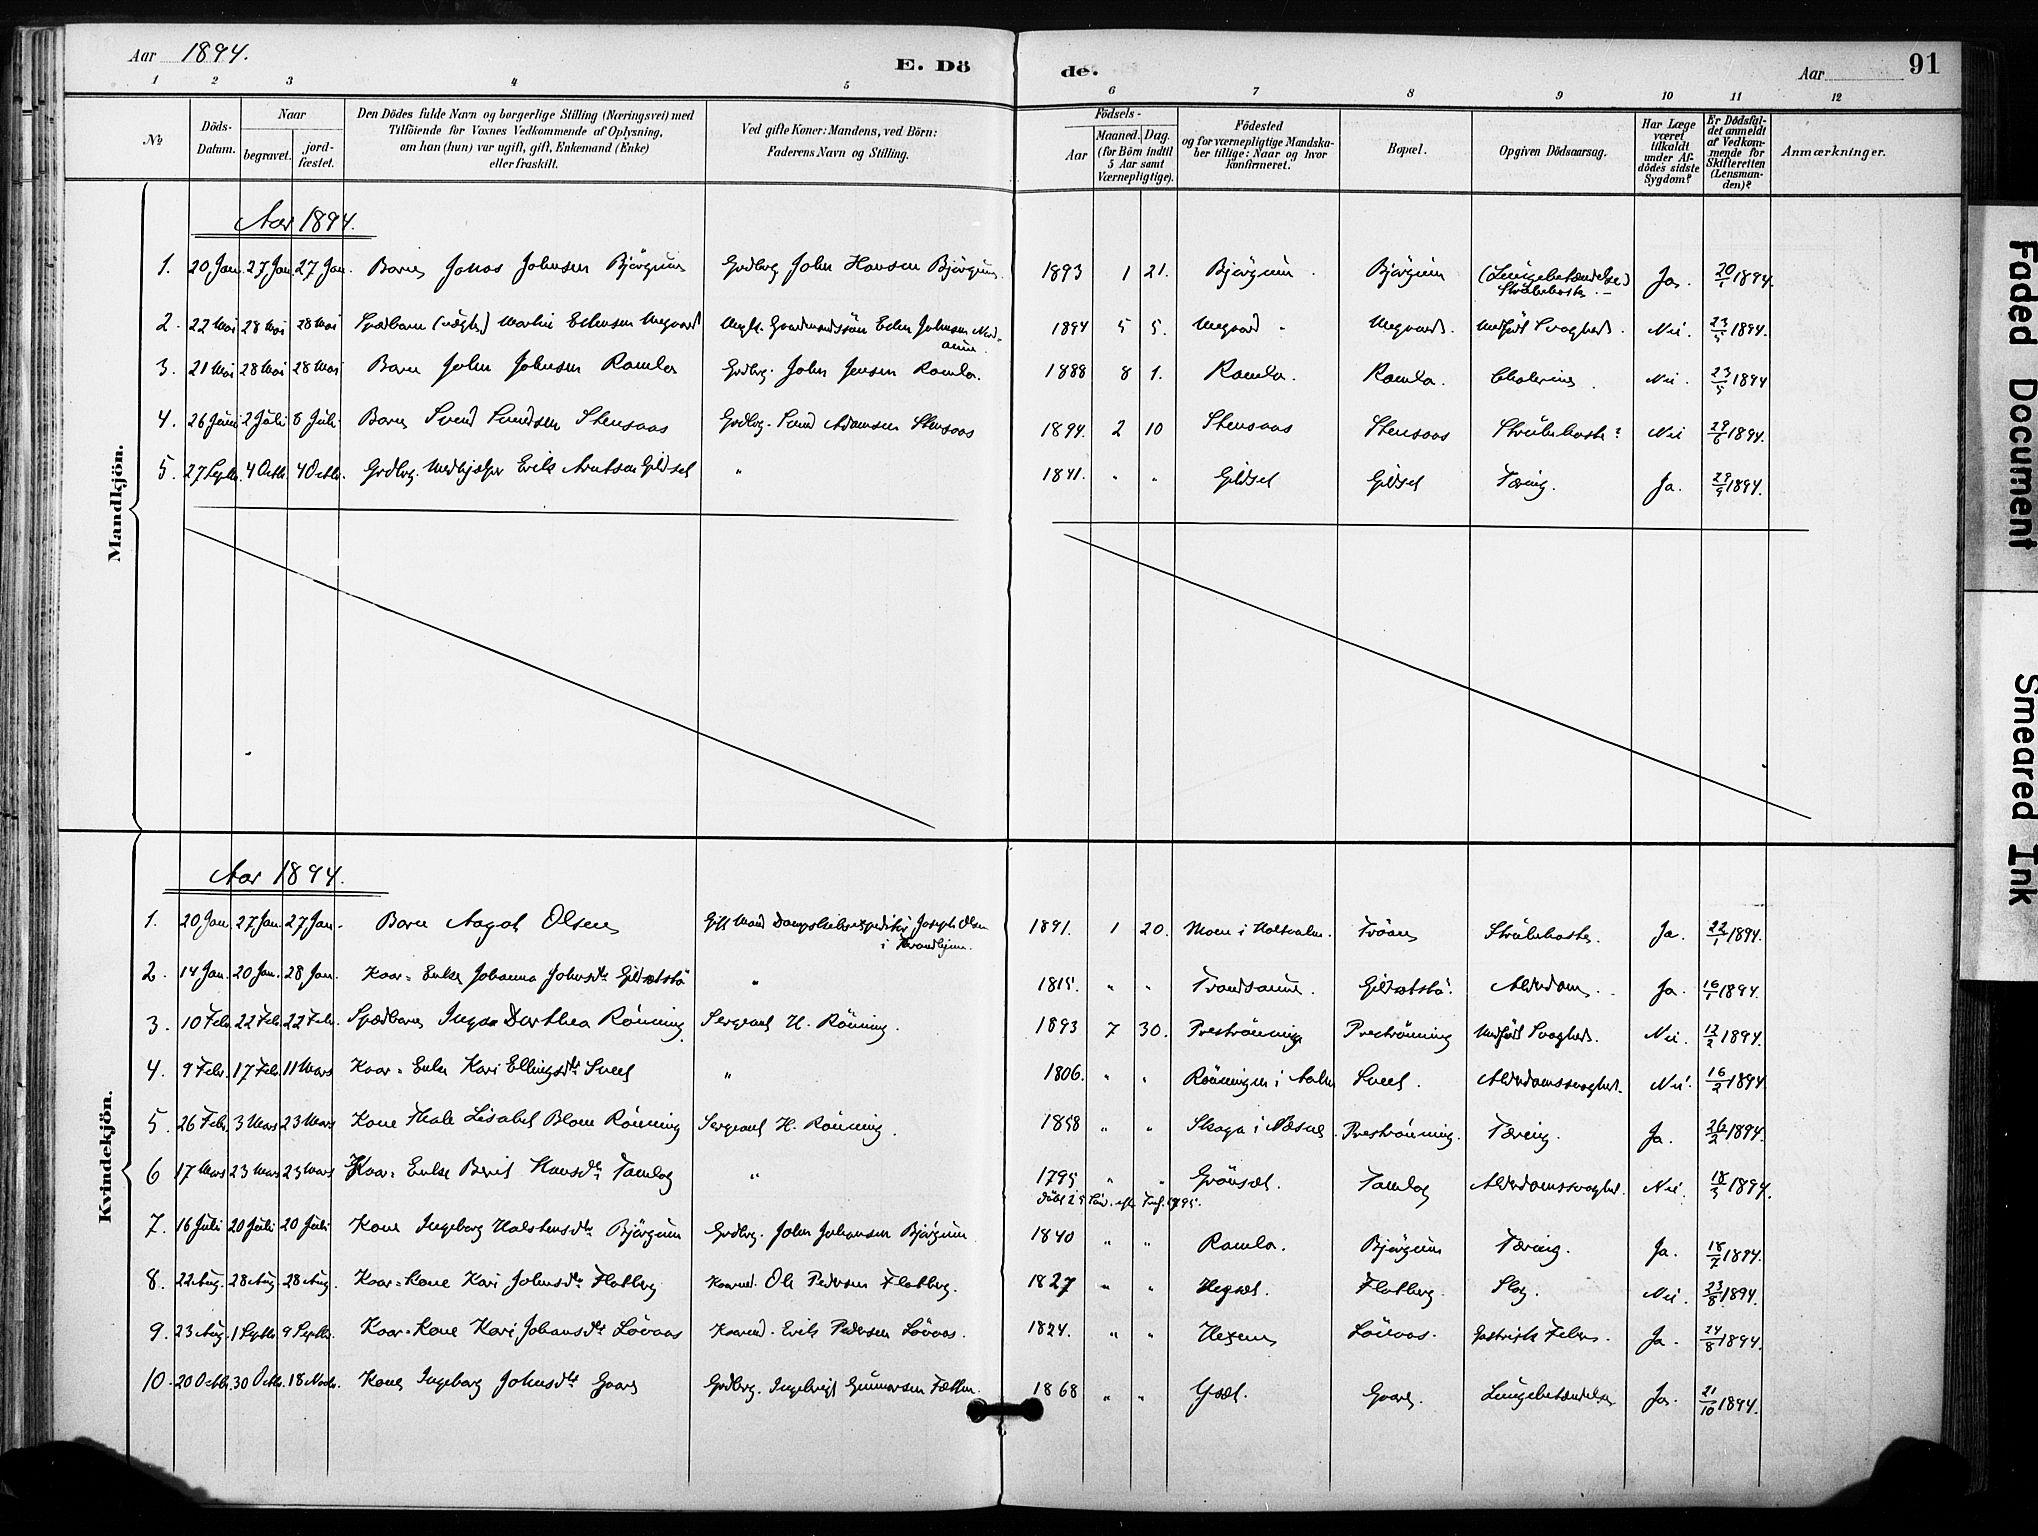 SAT, Ministerialprotokoller, klokkerbøker og fødselsregistre - Sør-Trøndelag, 685/L0973: Ministerialbok nr. 685A10, 1891-1907, s. 91